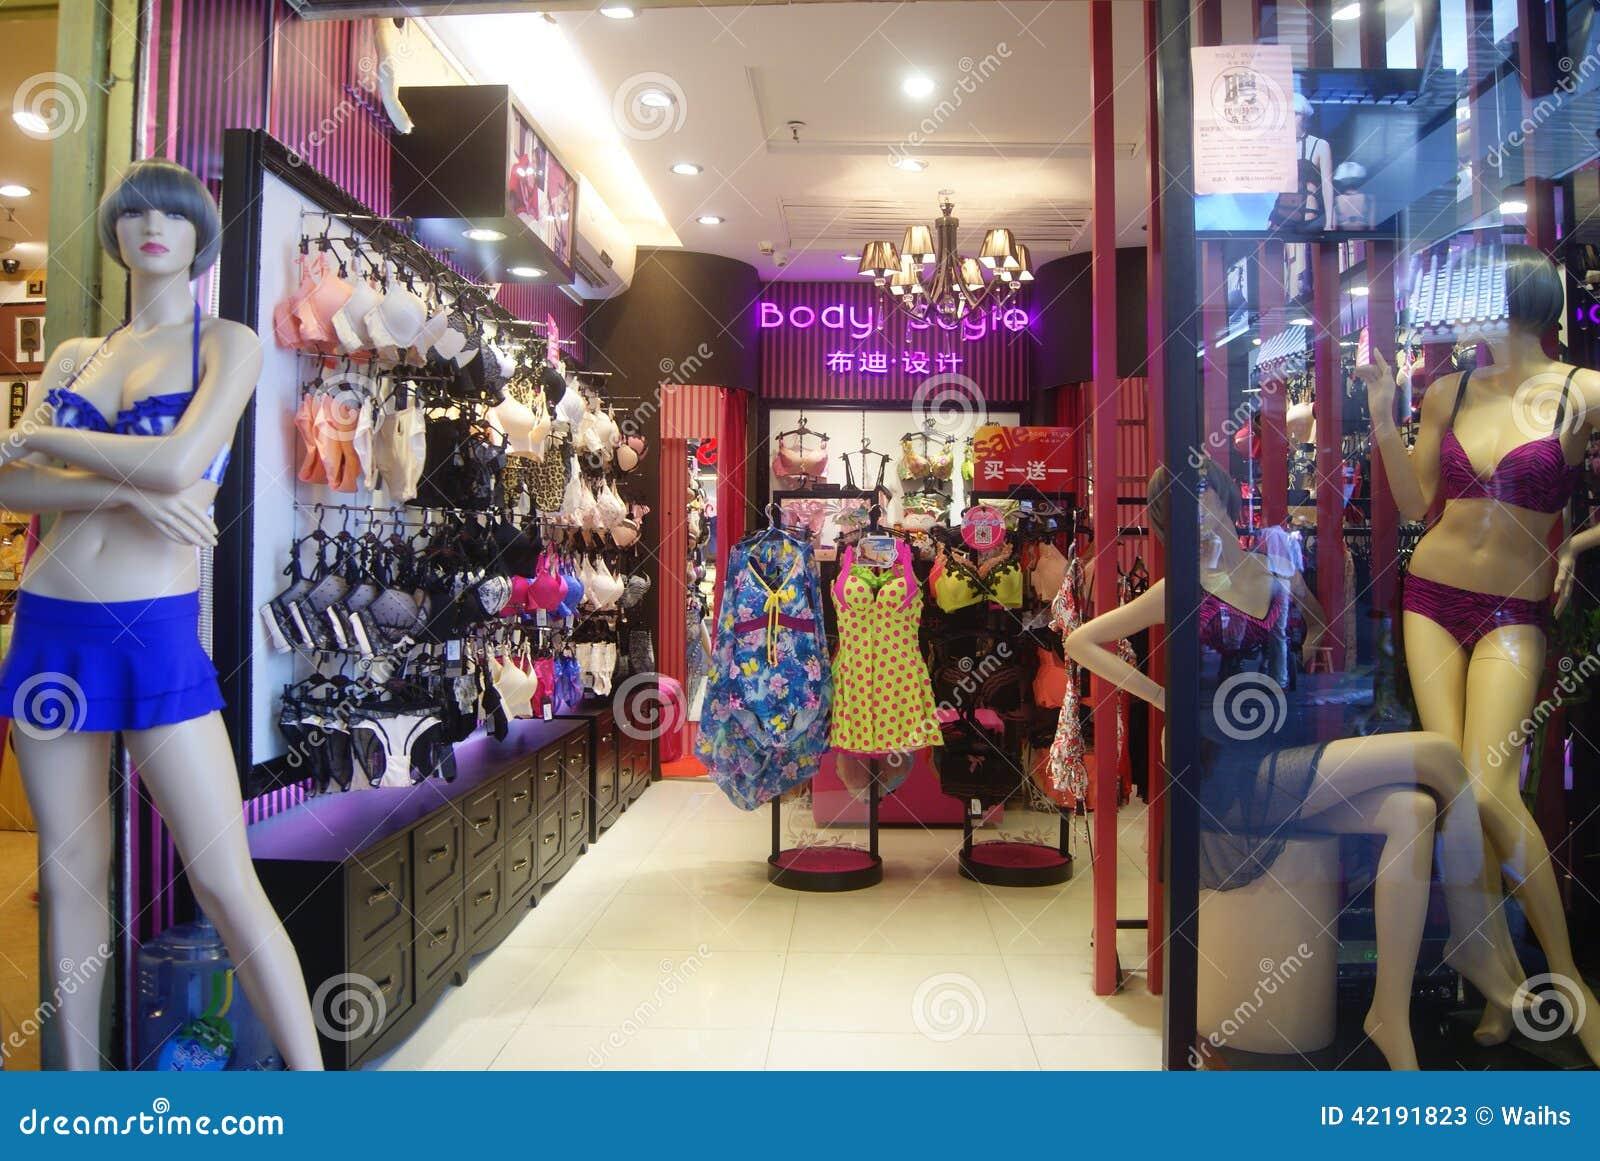 ¿Qué ropa interior debo usar durante el embarazo? Consejos para cuidar tu ropa OYSHO Descarga nuestra App. Otoño Invierno en Oysho online. Compra los bikinis, bañadores, pijamas, sujetadores o ropa deportiva más soft & chic. ¡Lo último a un clic! Introduce descripción o número de referencia del producto. ¿Cuál es la ropa.